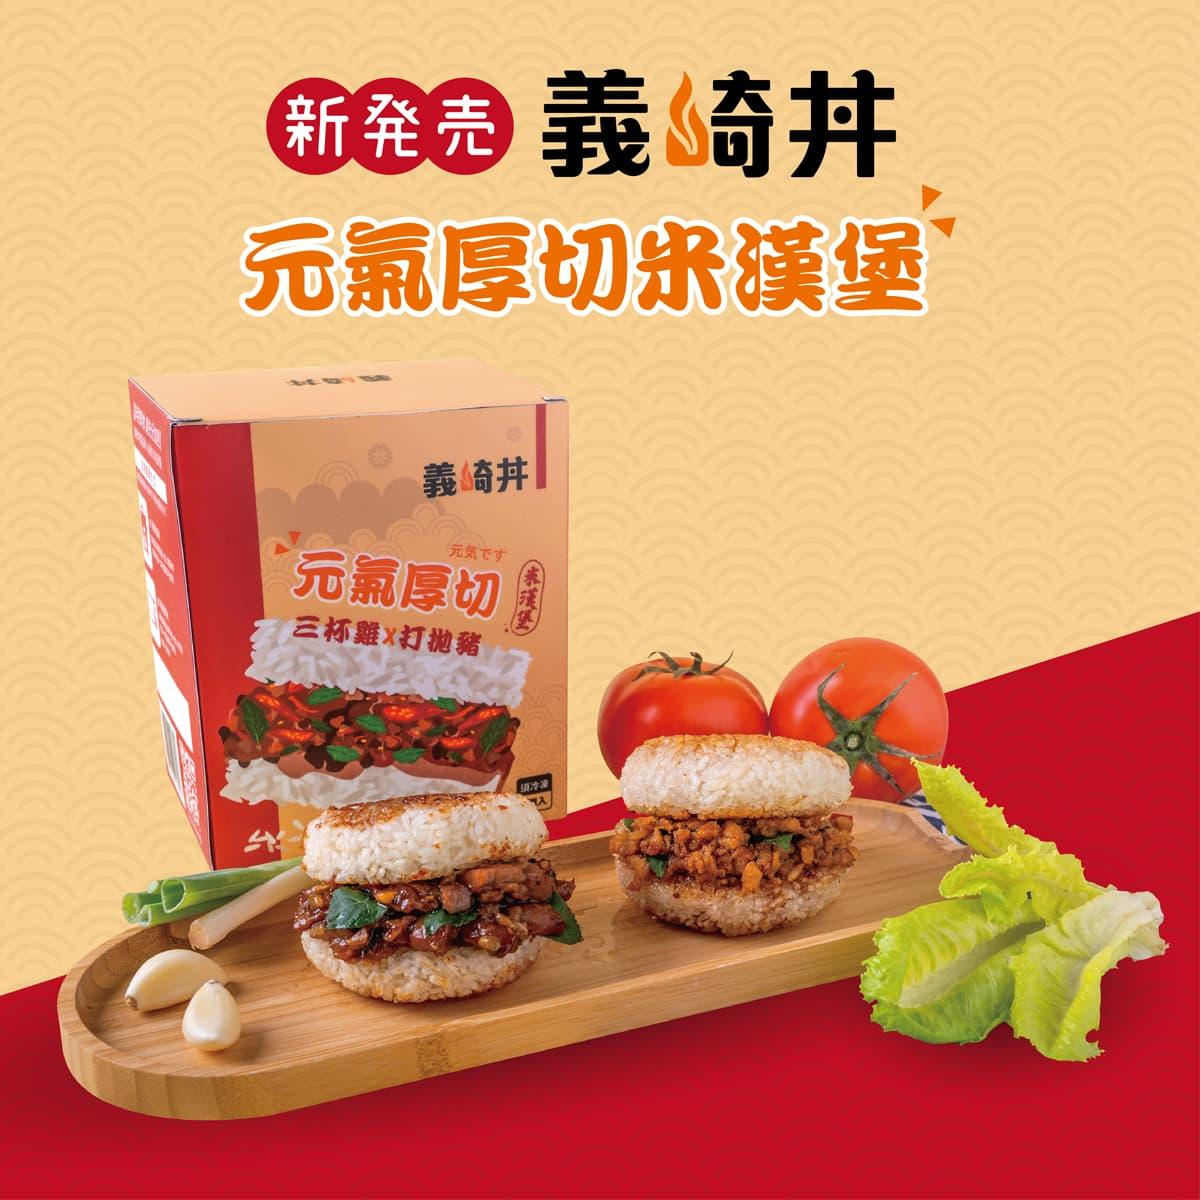 【義崎丼】元氣厚切米漢堡 6入x6盒 (三杯雞*3+打拋豬*3) 免運